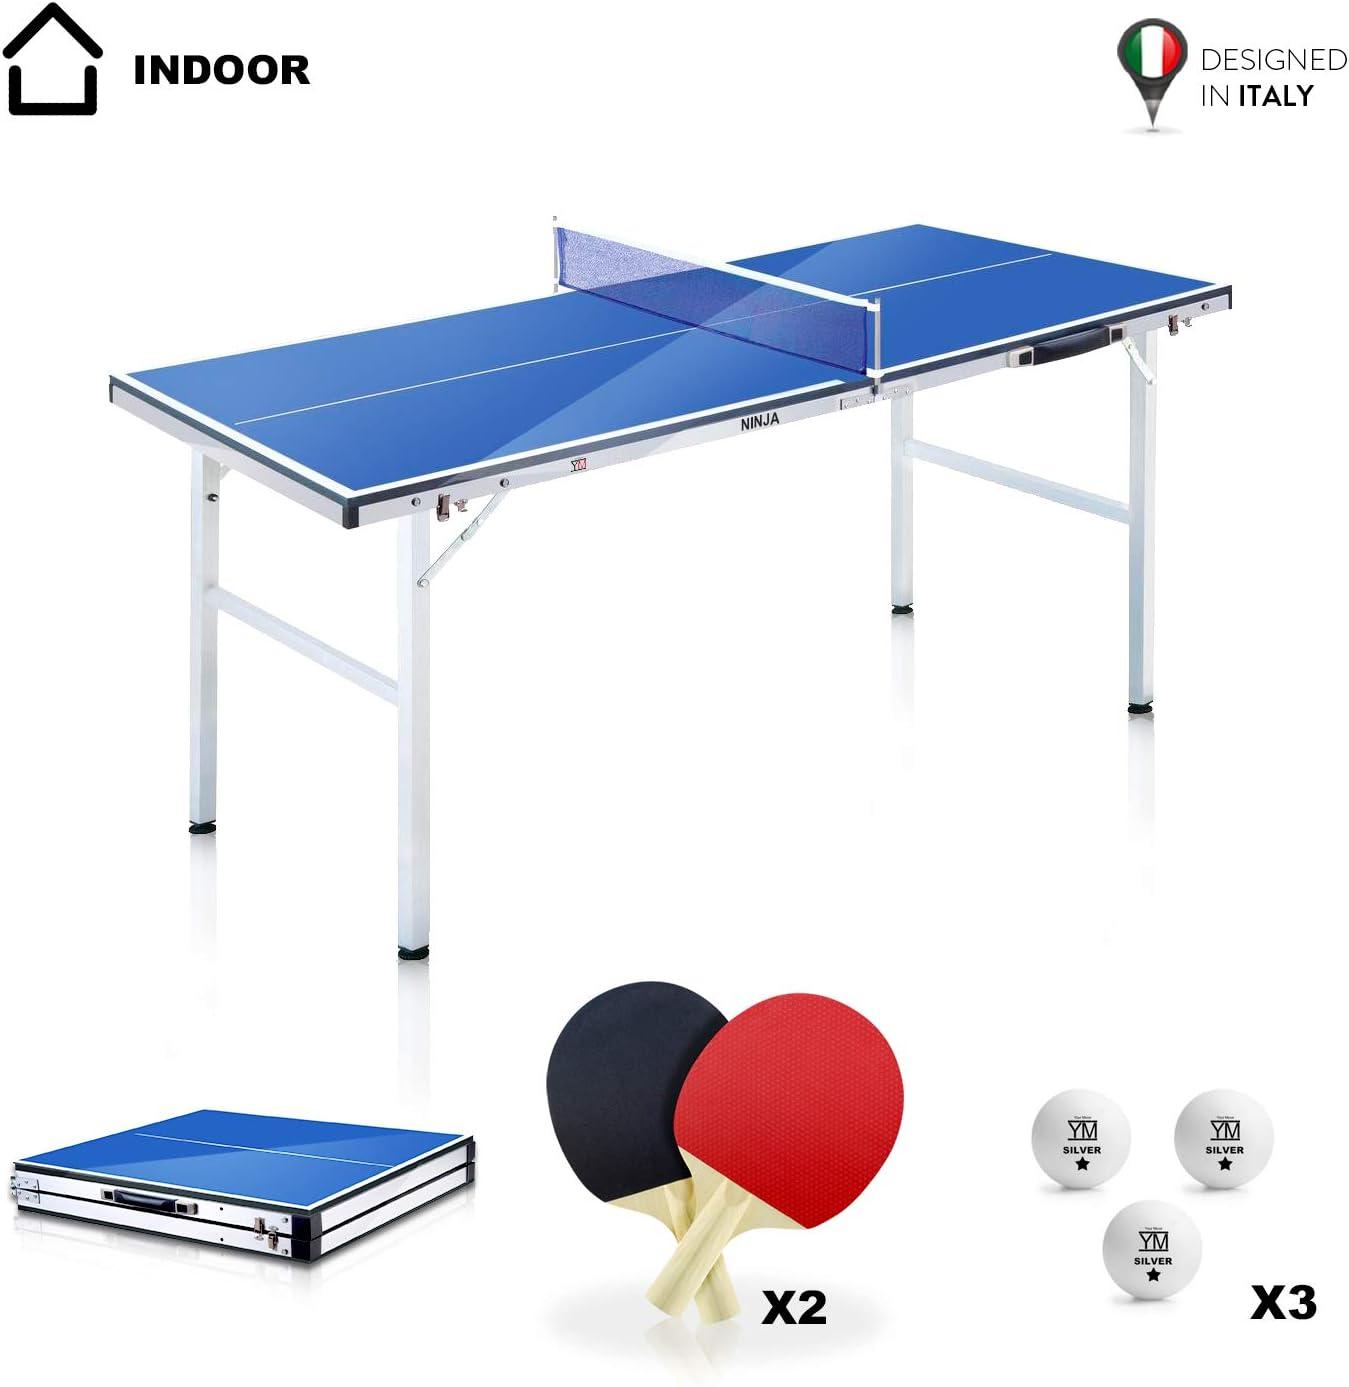 YM Mesa Ping Pong Mini plegable NINJA Mini plegable en maletín, portátil y compacto, estructura de acero con tubos de 25 mm. Incluye raquetas y bolas. Tamaño abierto: 150 x 67 x 69 cm.